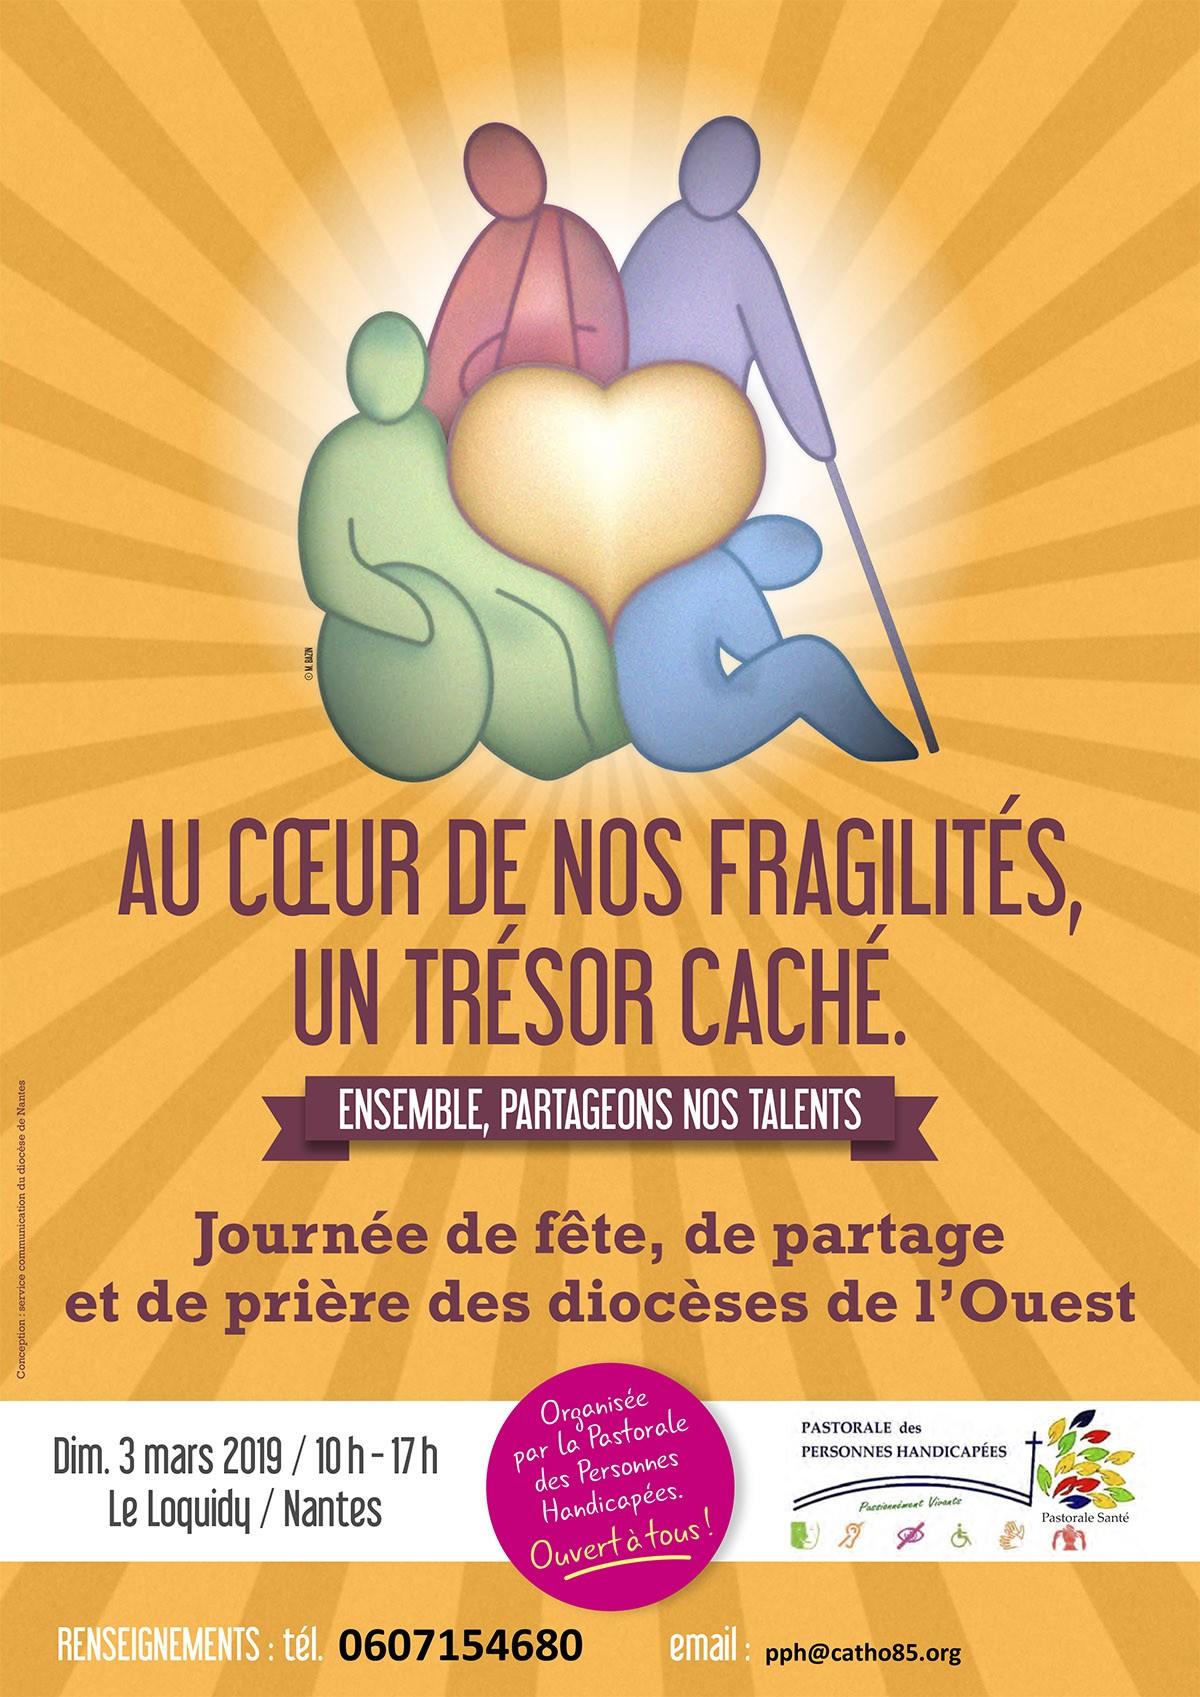 Au cœur de nos fragilités, un trésor caché – Le 3 mars 2019 à Nantes (44)